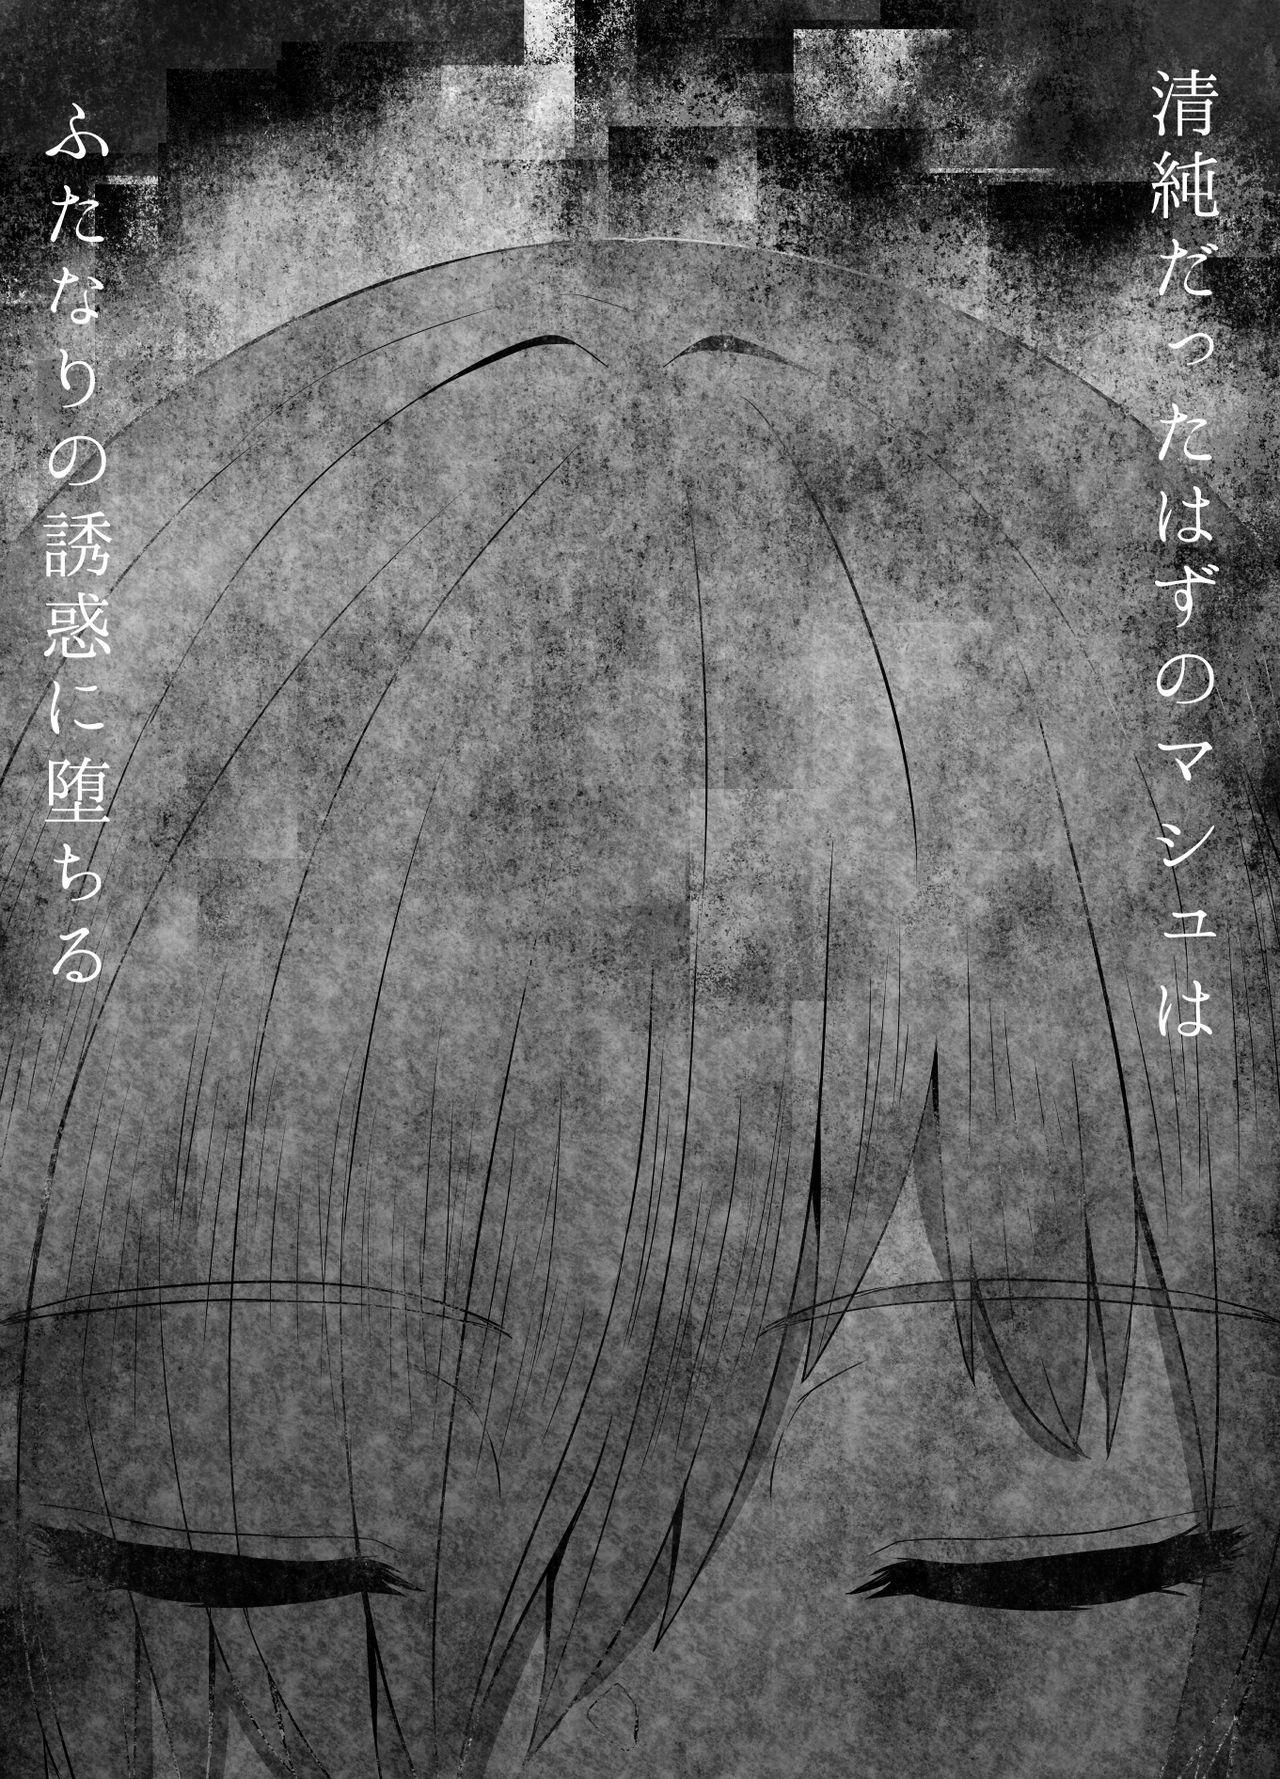 [Sadalsuud (Hoshiaka)] Seijun datta Hazu no Mashu wa Futanari no Yuuwaku ni Ochiru Dai-4-wa (Fate/Grand Order) [Chinese] [不咕鸟汉化组] 2